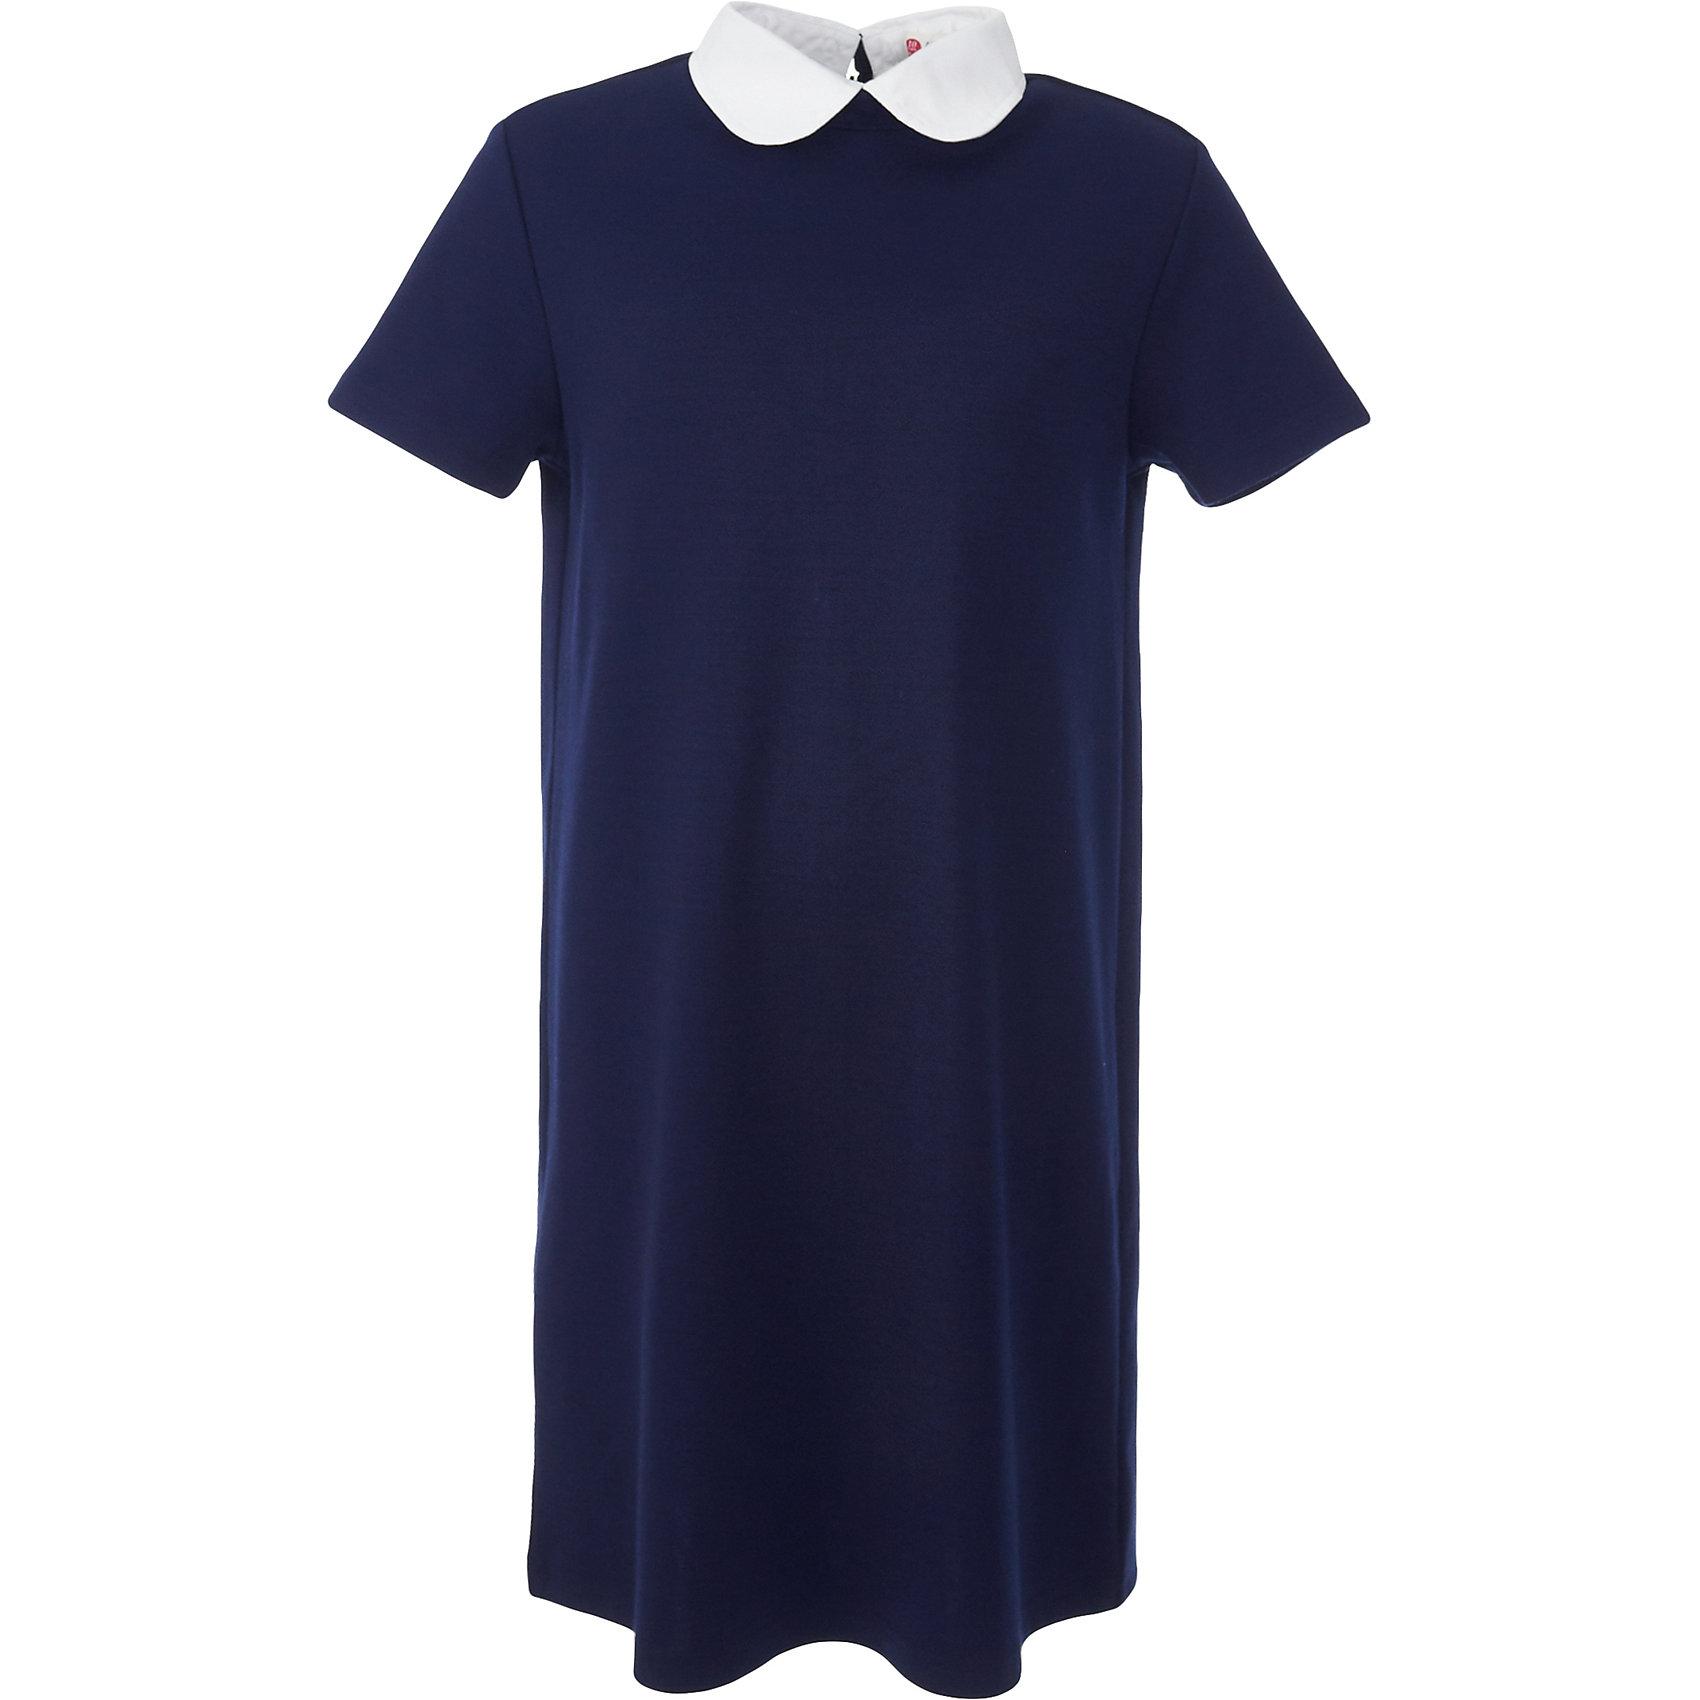 Платье для девочки BUTTON BLUEПлатья и сарафаны<br>Платье для девочки BUTTON BLUE<br>Школьные платья делают образ ученицы серьезным и элегантным. Если вы хотите купить  универсальную вещь и на каждый день, и для торжественного случая, вам стоит купить школьное платье. Трикотажное школьное платье для девочек обеспечит уют, свободу движений, удобство в повседневной носке. Белый воротник подчеркнет строгость модели и нежность ее обладательницы.<br>Состав:<br>75% полиэстер, 21% вискоза,     4% эластан<br><br>Ширина мм: 236<br>Глубина мм: 16<br>Высота мм: 184<br>Вес г: 177<br>Цвет: синий<br>Возраст от месяцев: 144<br>Возраст до месяцев: 156<br>Пол: Женский<br>Возраст: Детский<br>Размер: 158,164,122,128,134,140,146,152<br>SKU: 6739411